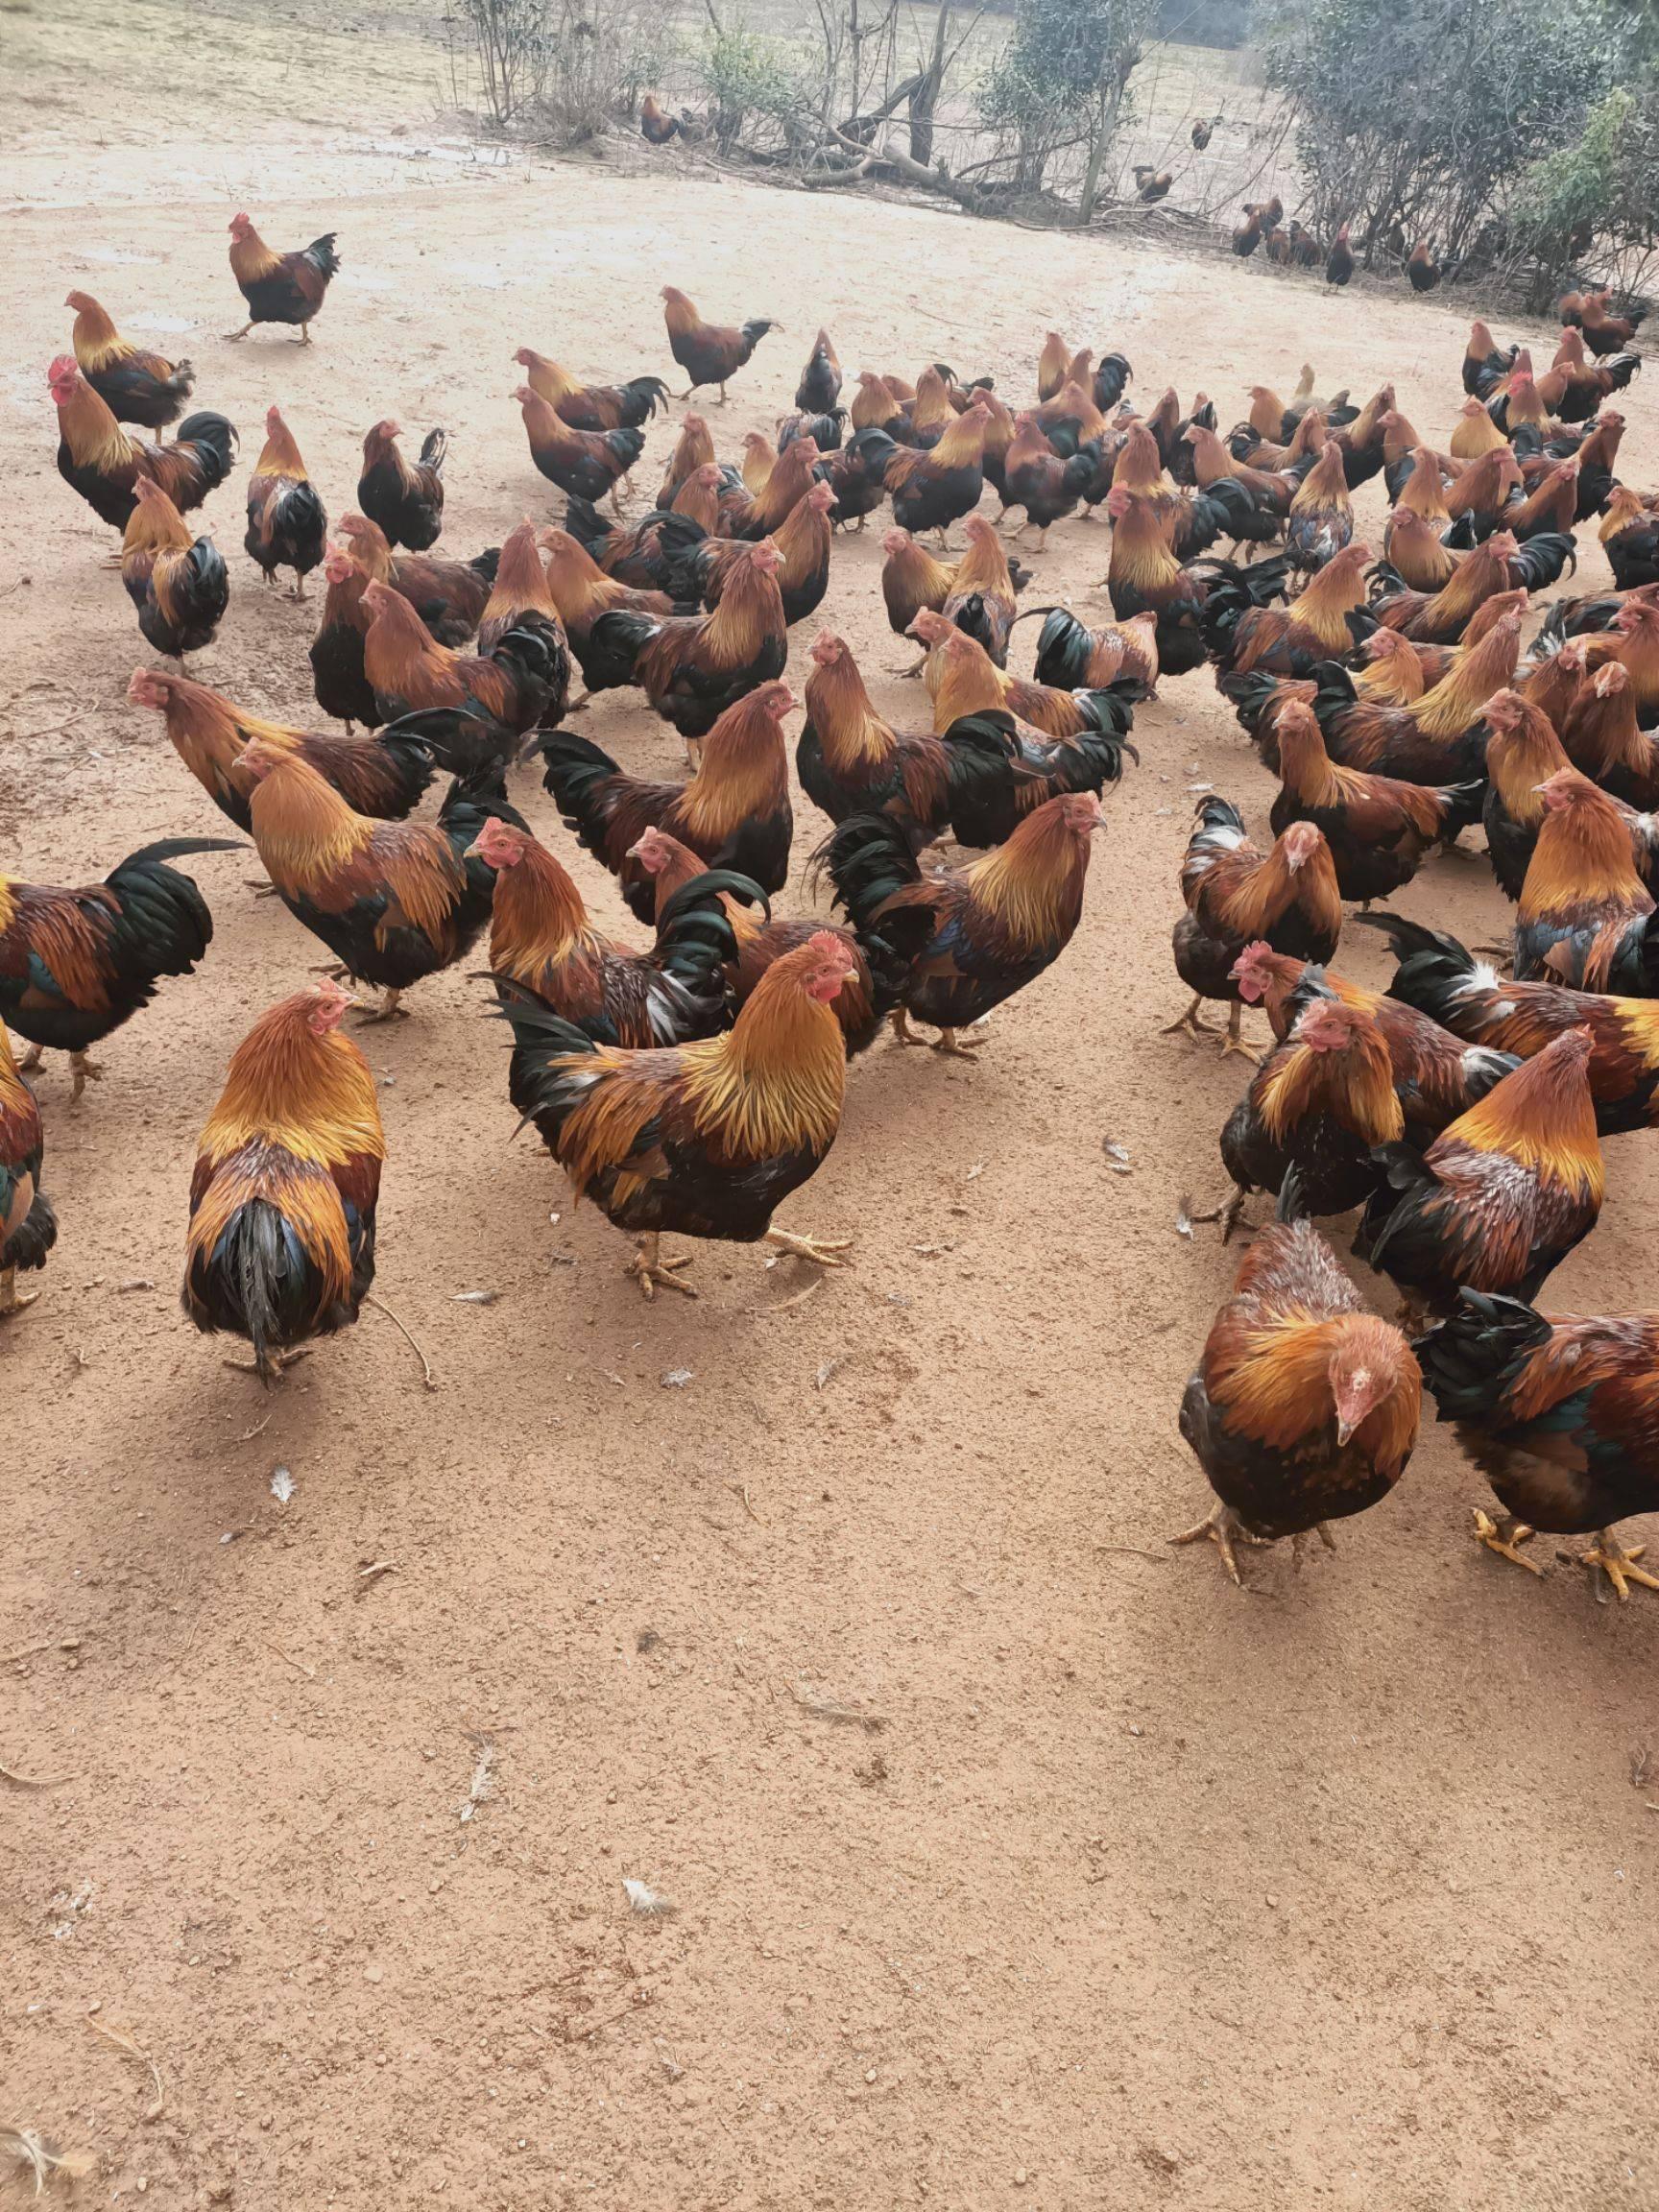 松树林全年大量养殖阉鸡,鸡肥肉嫩!月份可选,欢迎采购商选购图片